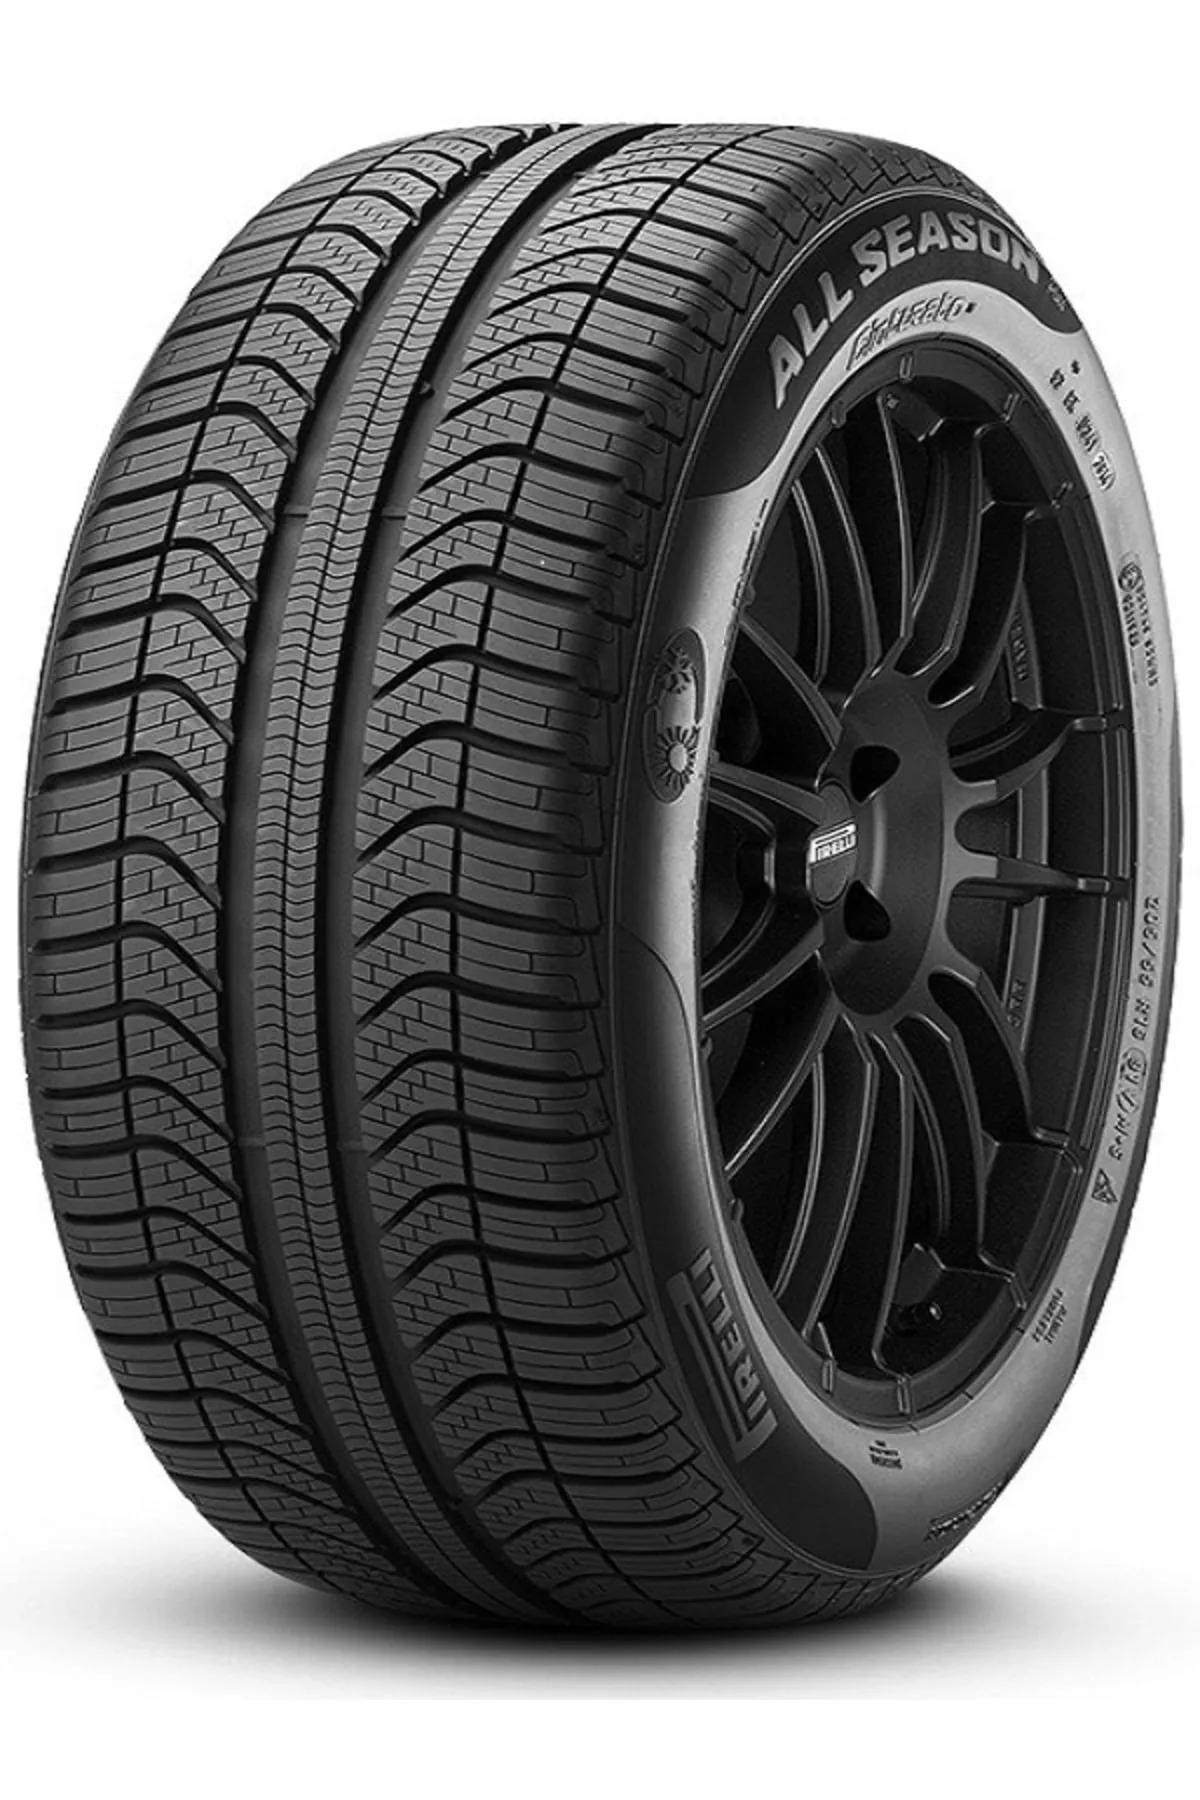 Pirelli 205/55R16 91V Cinturato All Season M+S SNWFL fiyatları